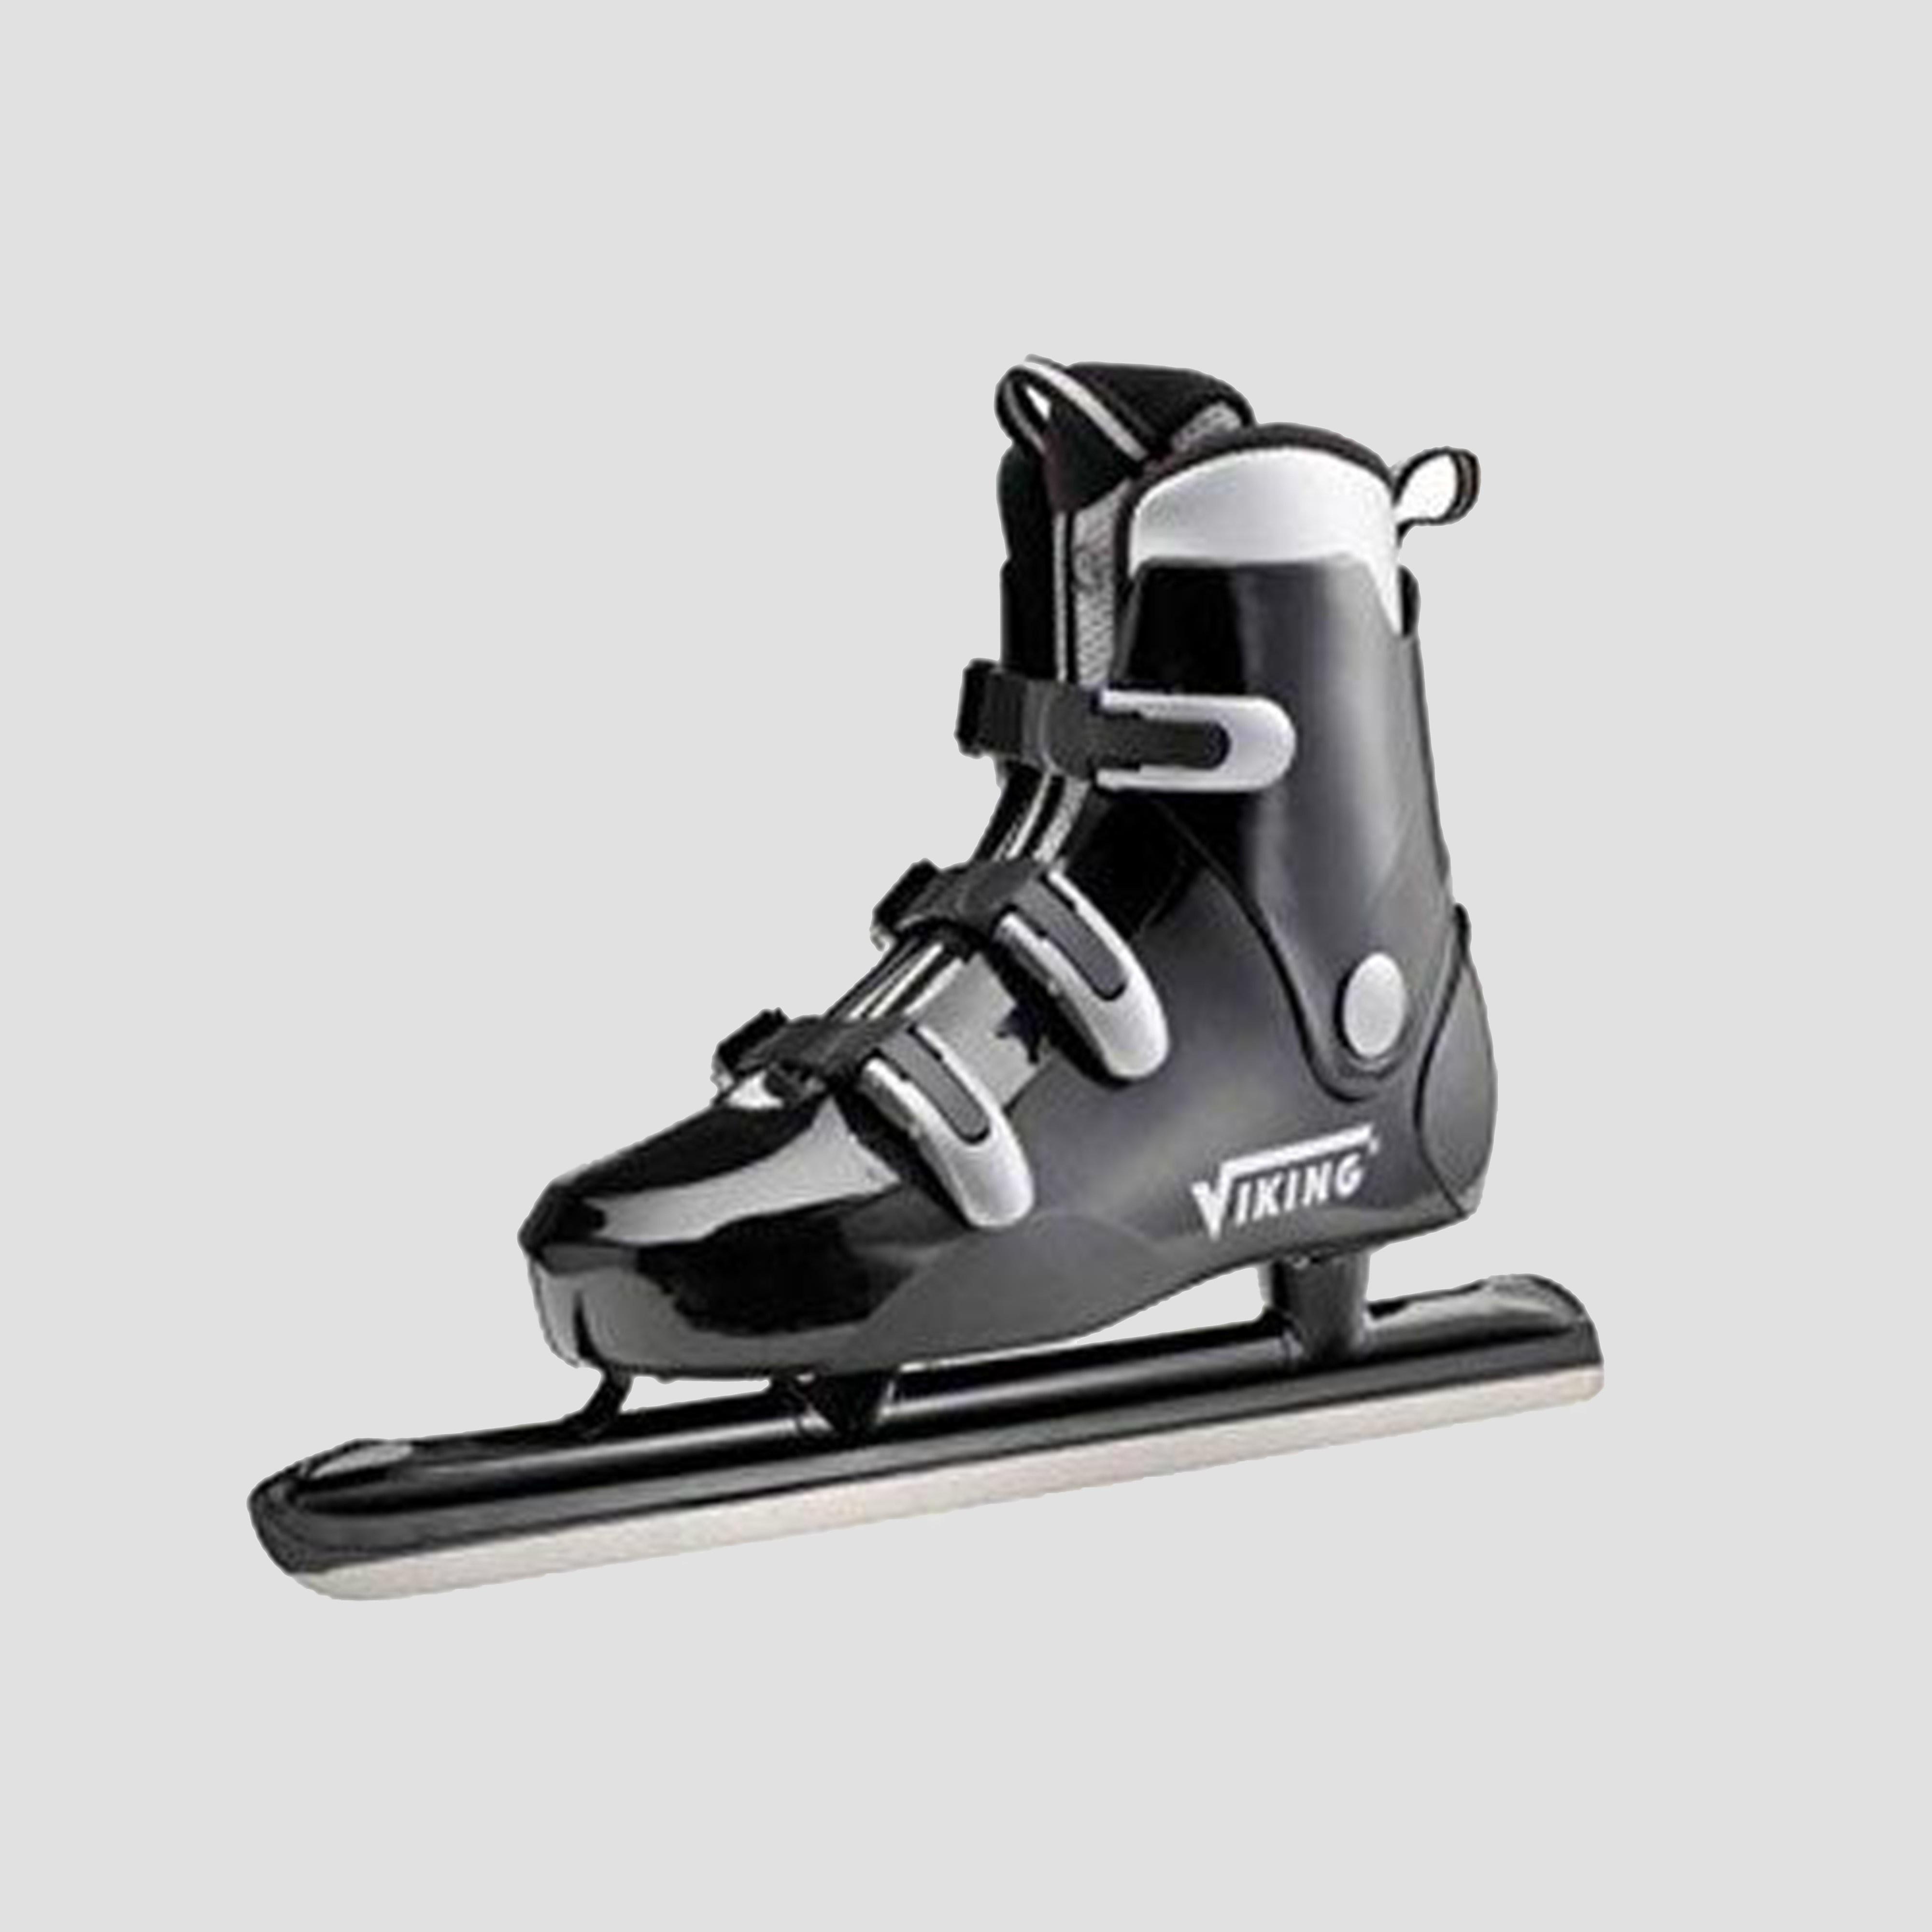 VIKING Combi ii schaatsen zwart Dames